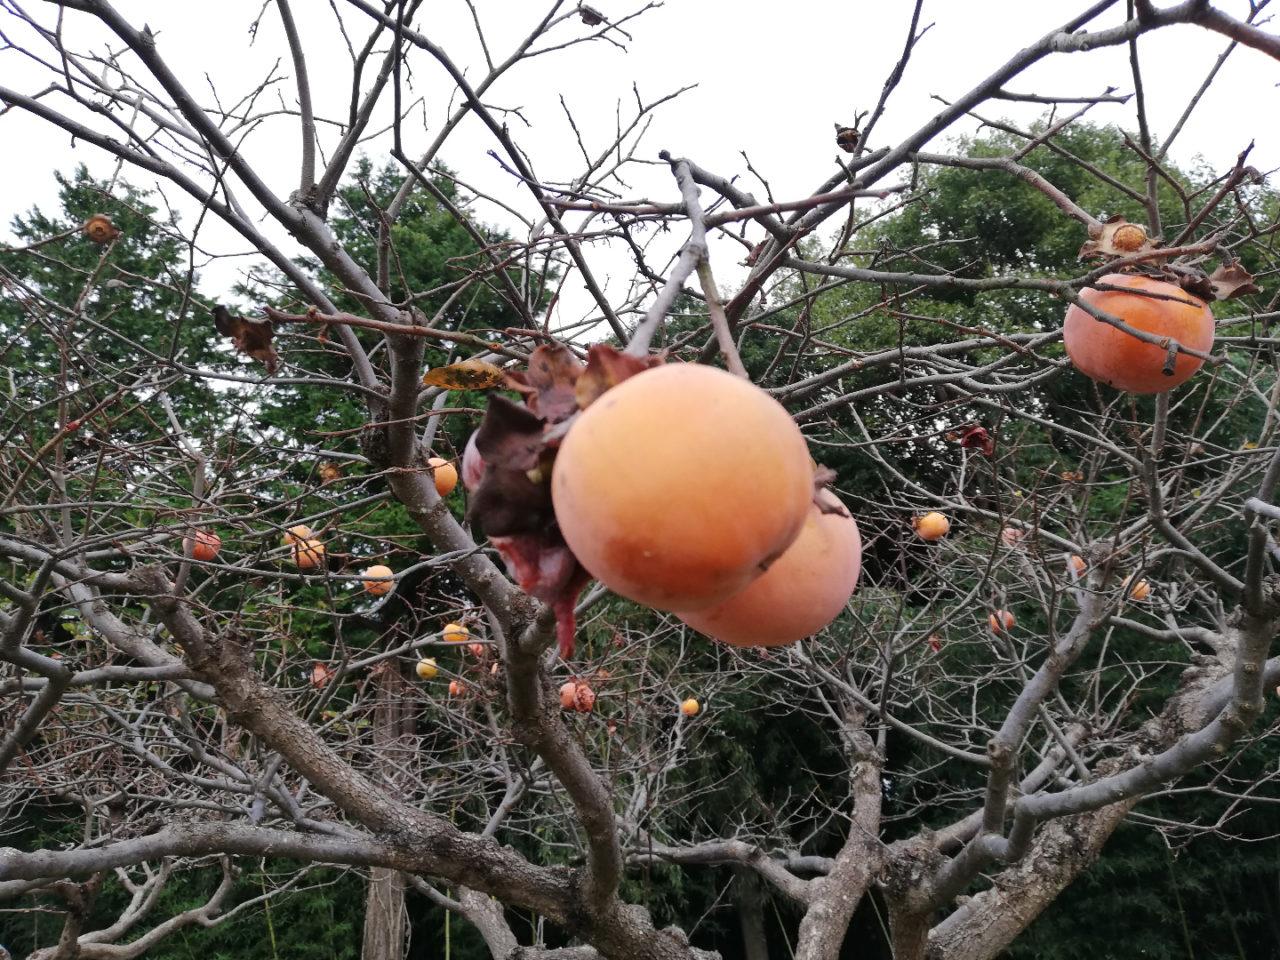 秋の様子、果物の柿